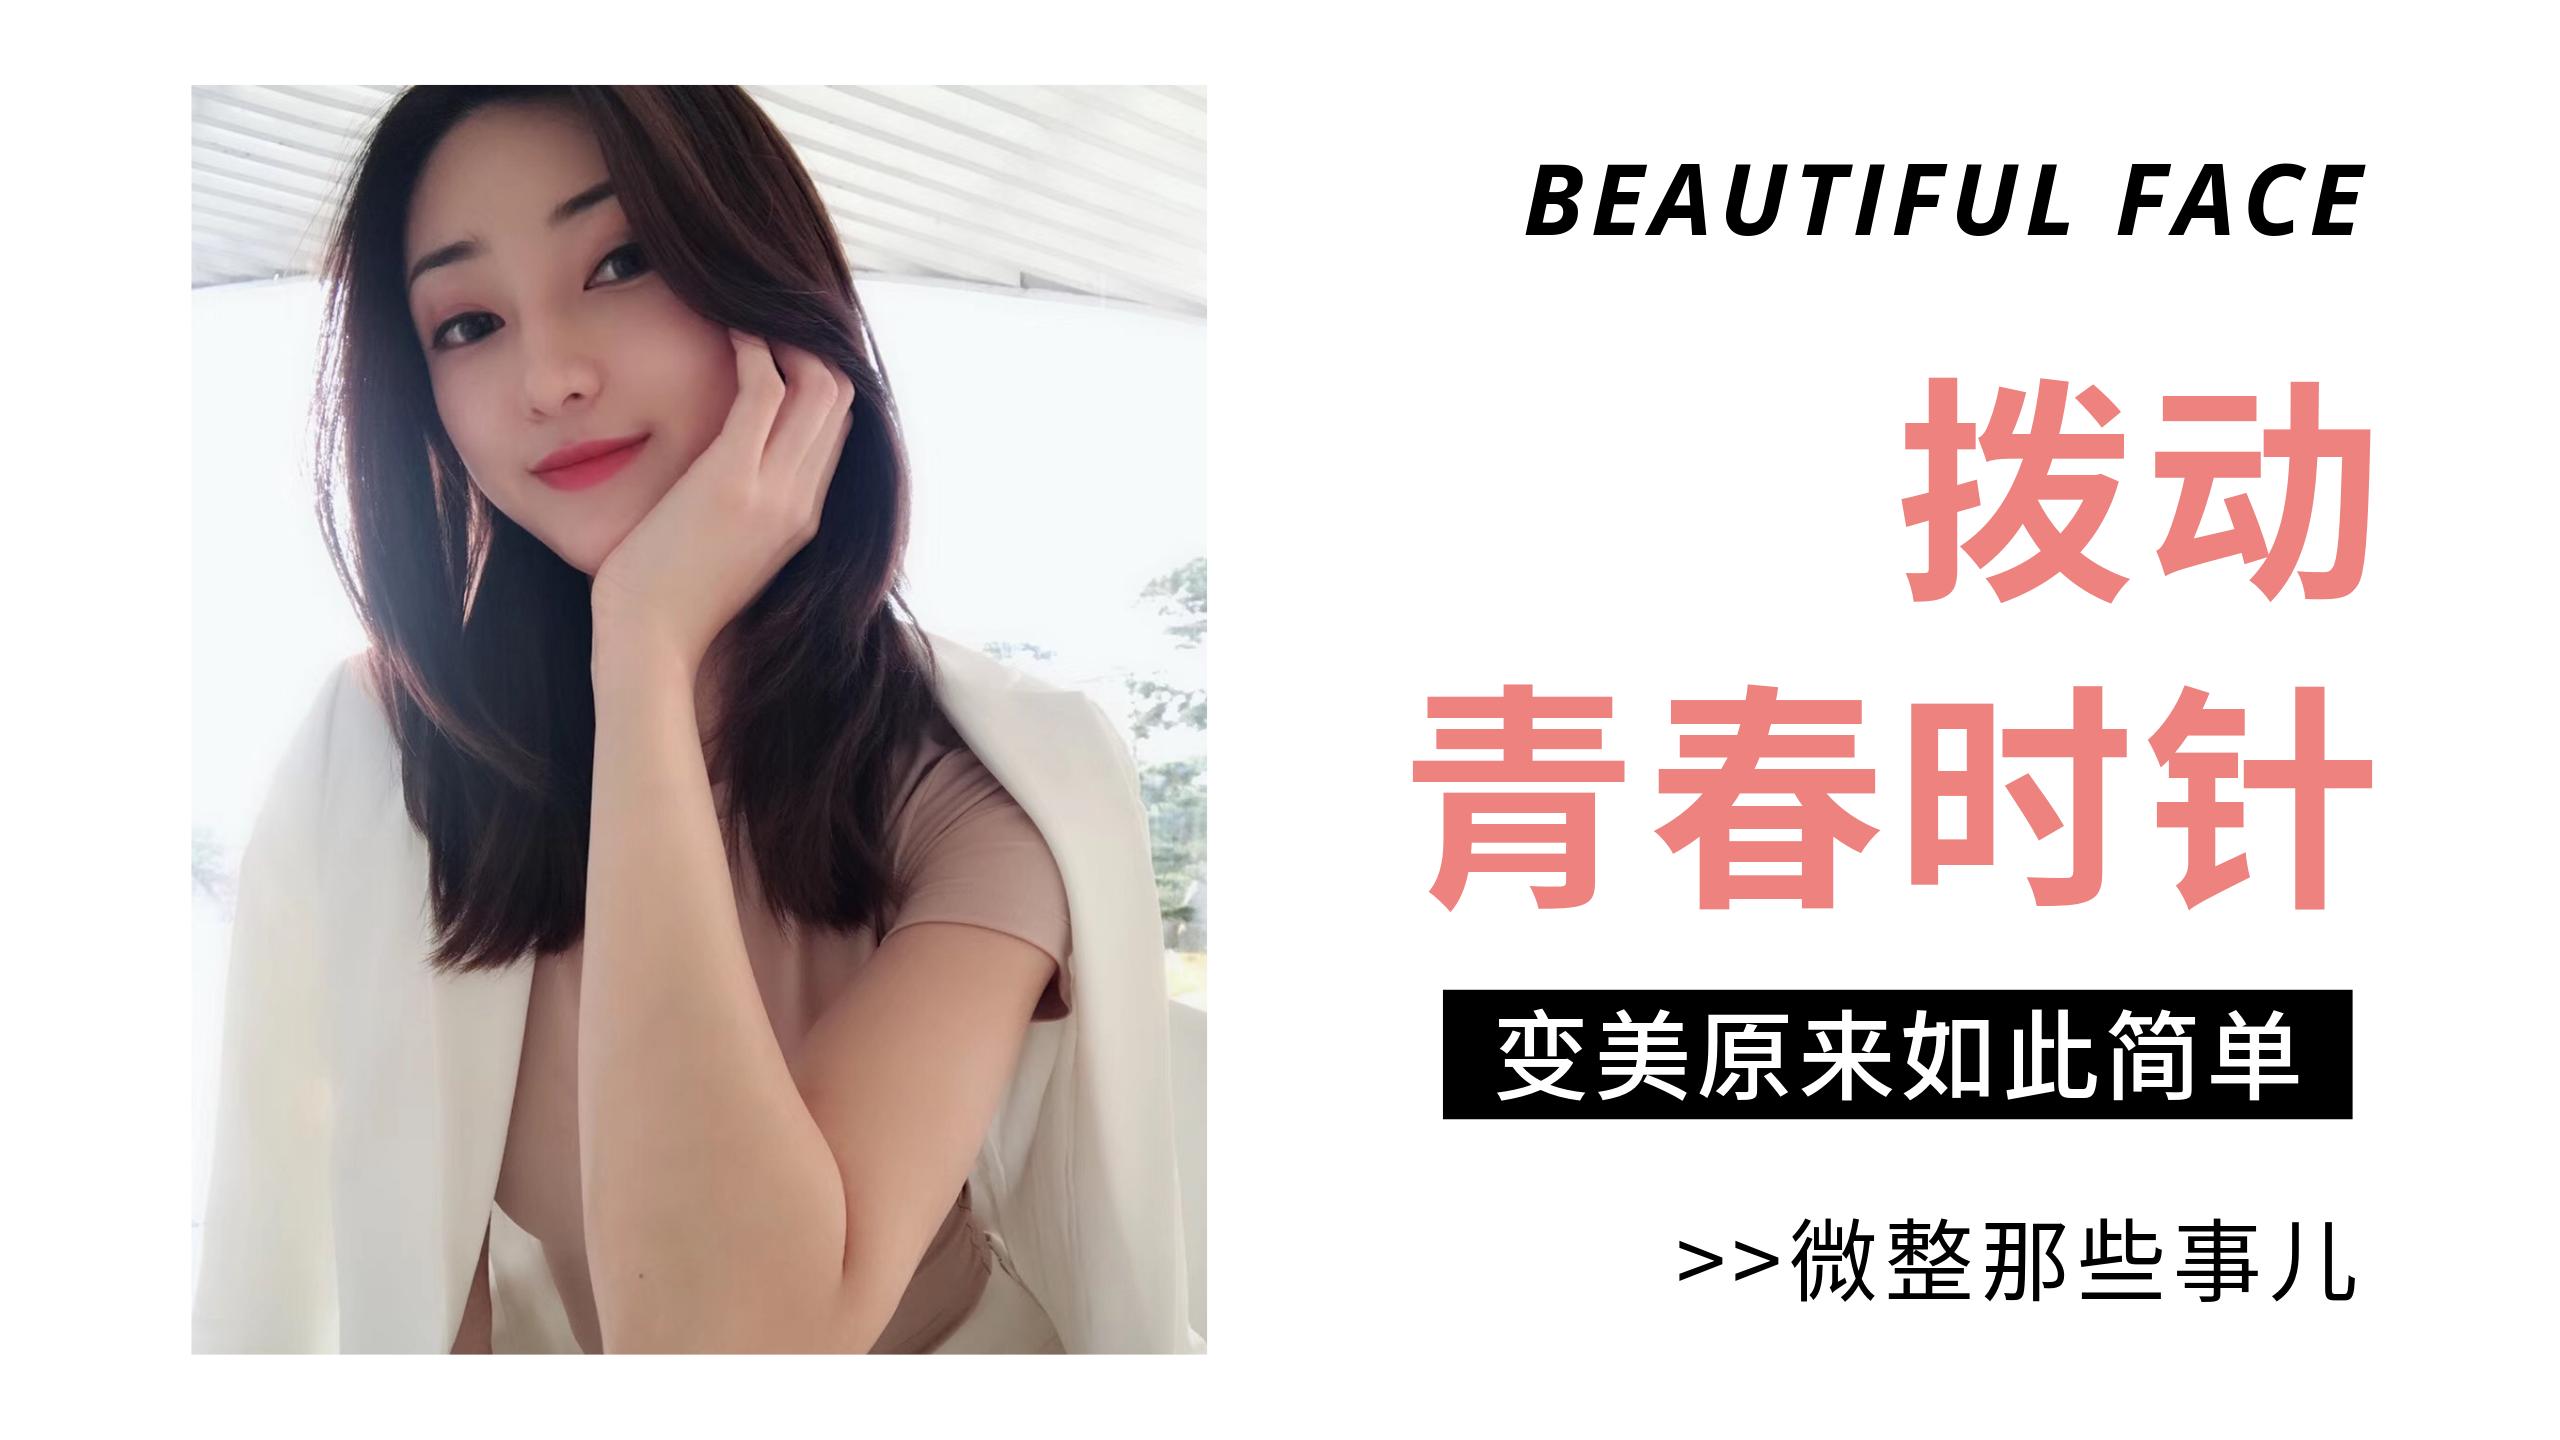 美妆视频封面